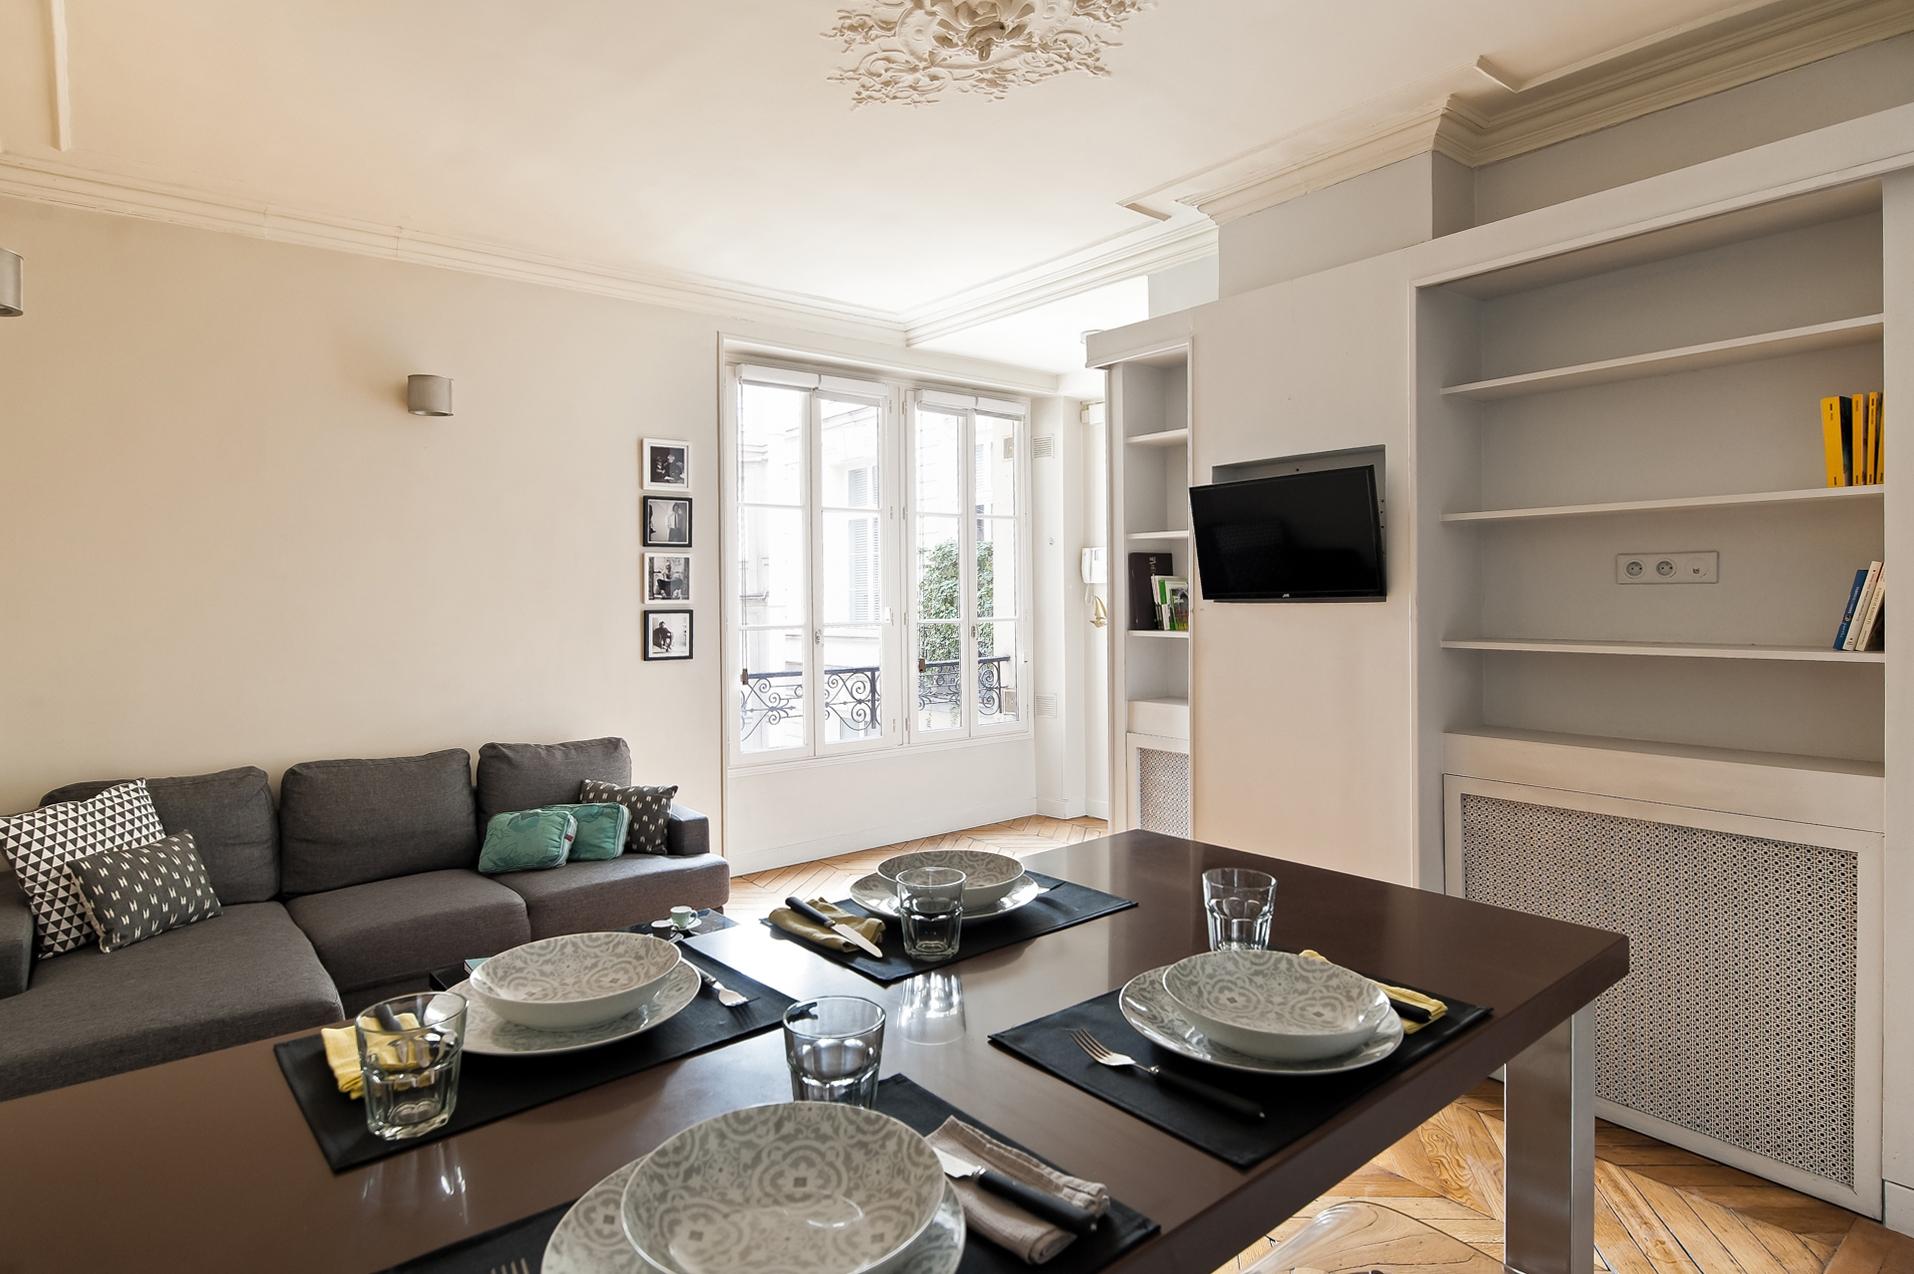 Best Kitchen Gallery: Paris Vacation Rental 1 Bedroom Wifi 3 ème Le Marais Apartment of Paris Vacation Apartment Rentals  on rachelxblog.com